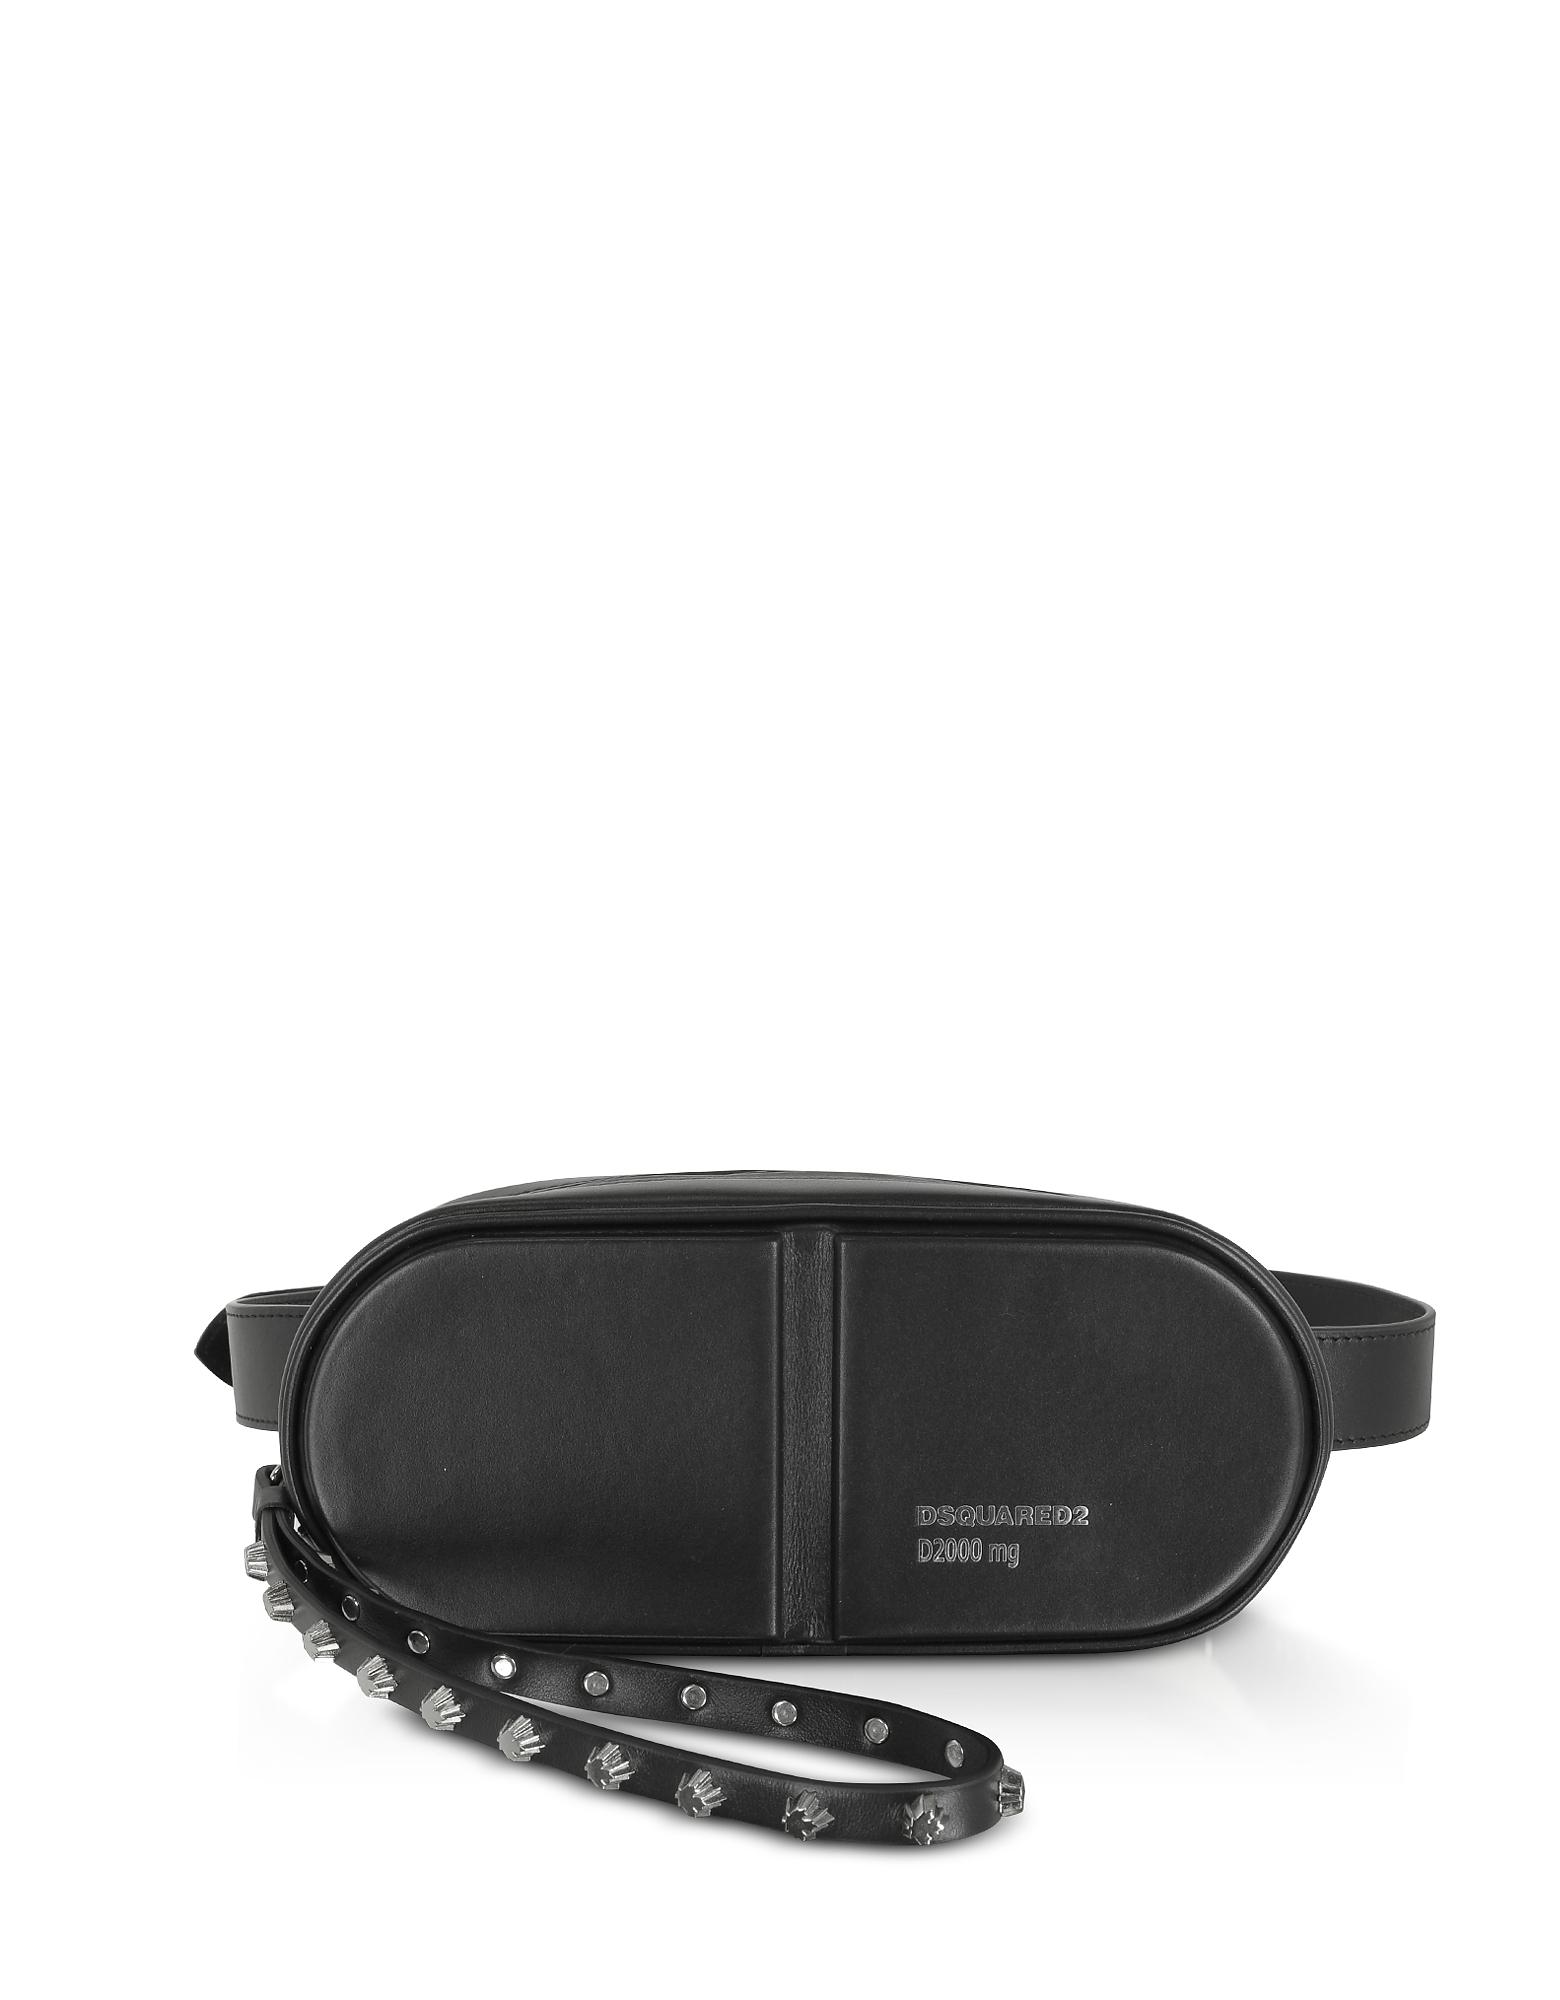 DSquared2 Designer Handbags, Black Studded Calf Leather Pills Belt Bag